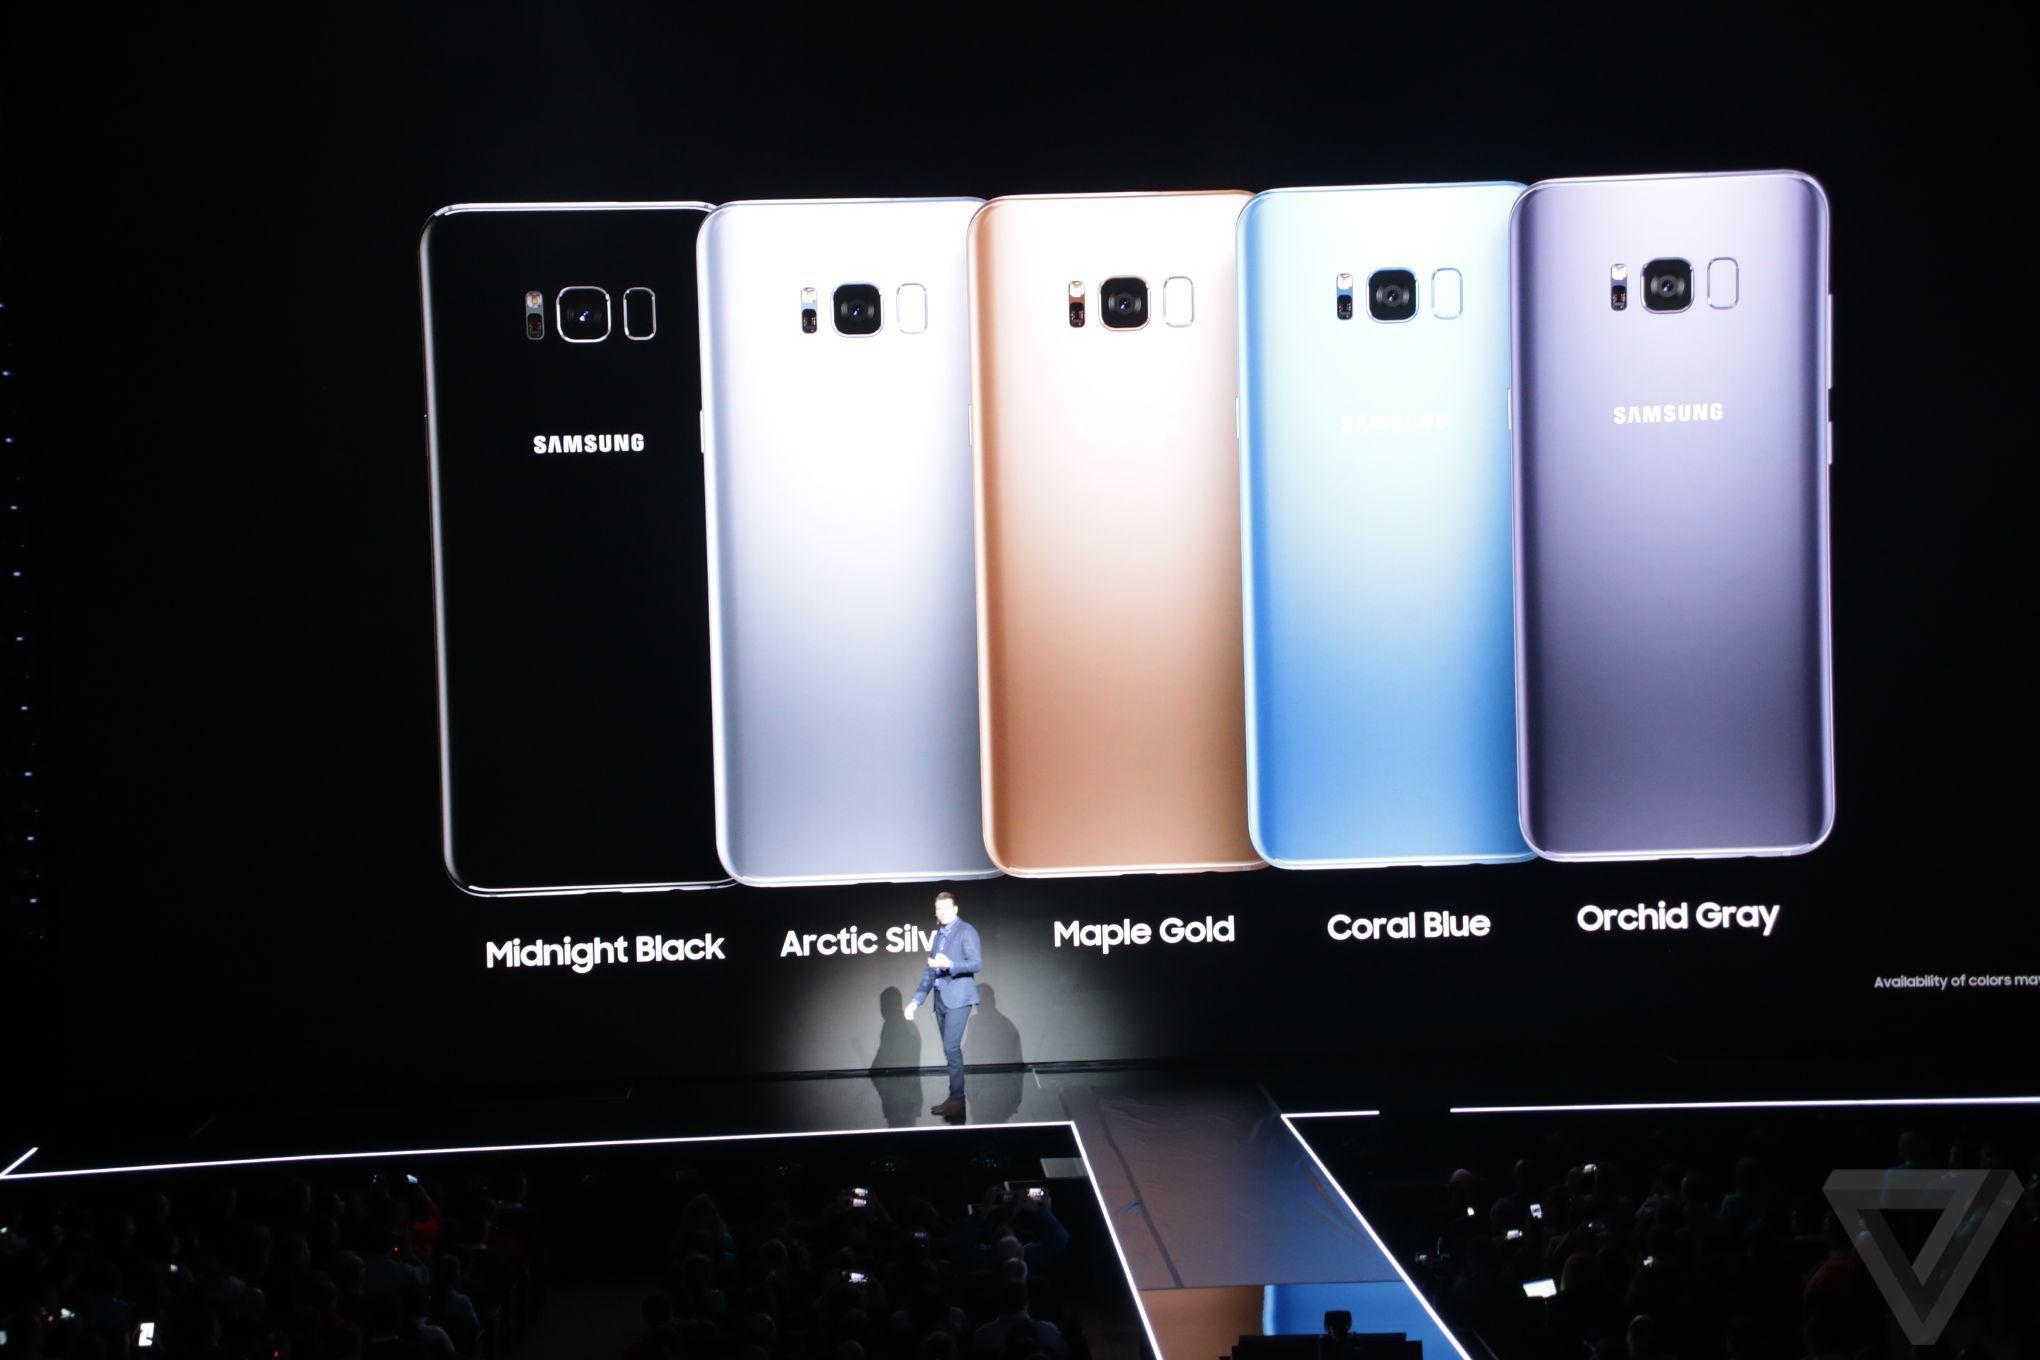 Colores of samsung galaxy s8